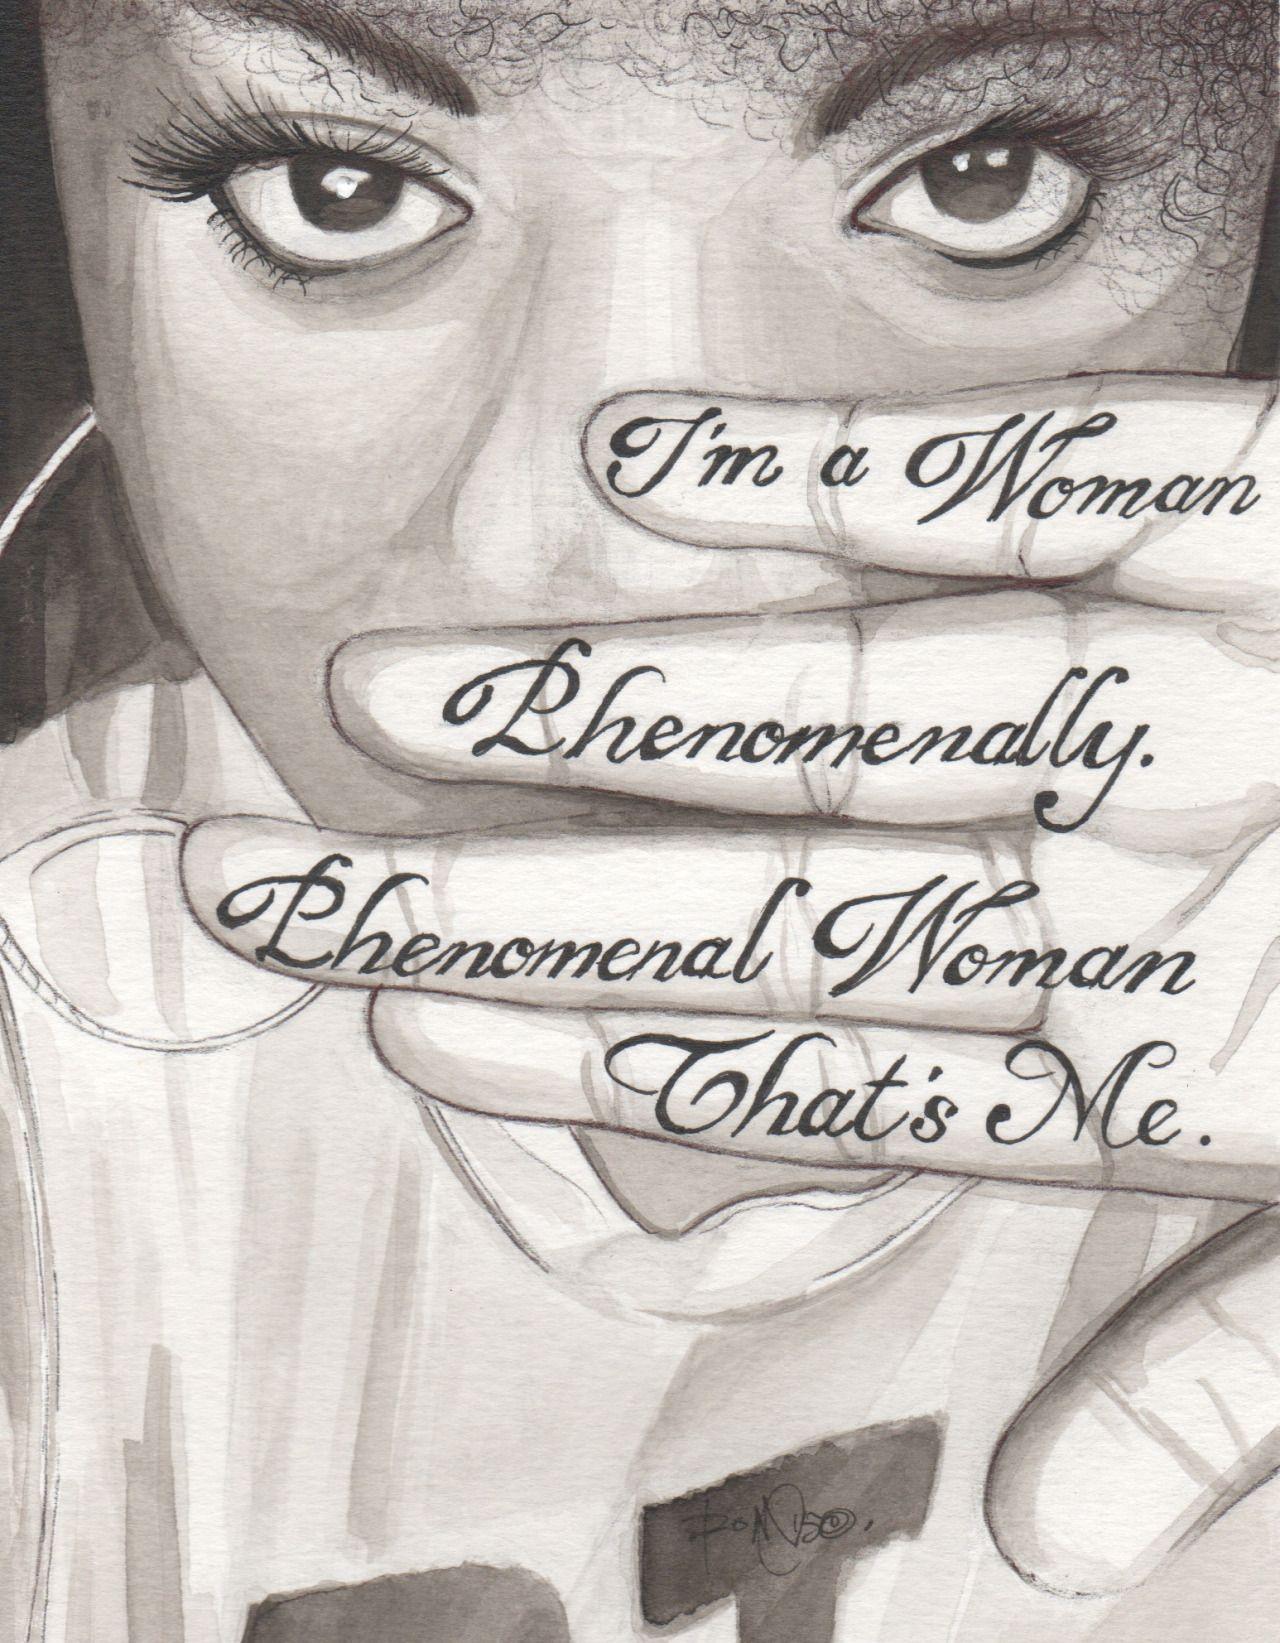 Girl Power Tattoo Quotes 480 Single Phase Transformer Wiring Diagram Phenomanal Woman By Maya Angelou Tumblr Kulorbandit